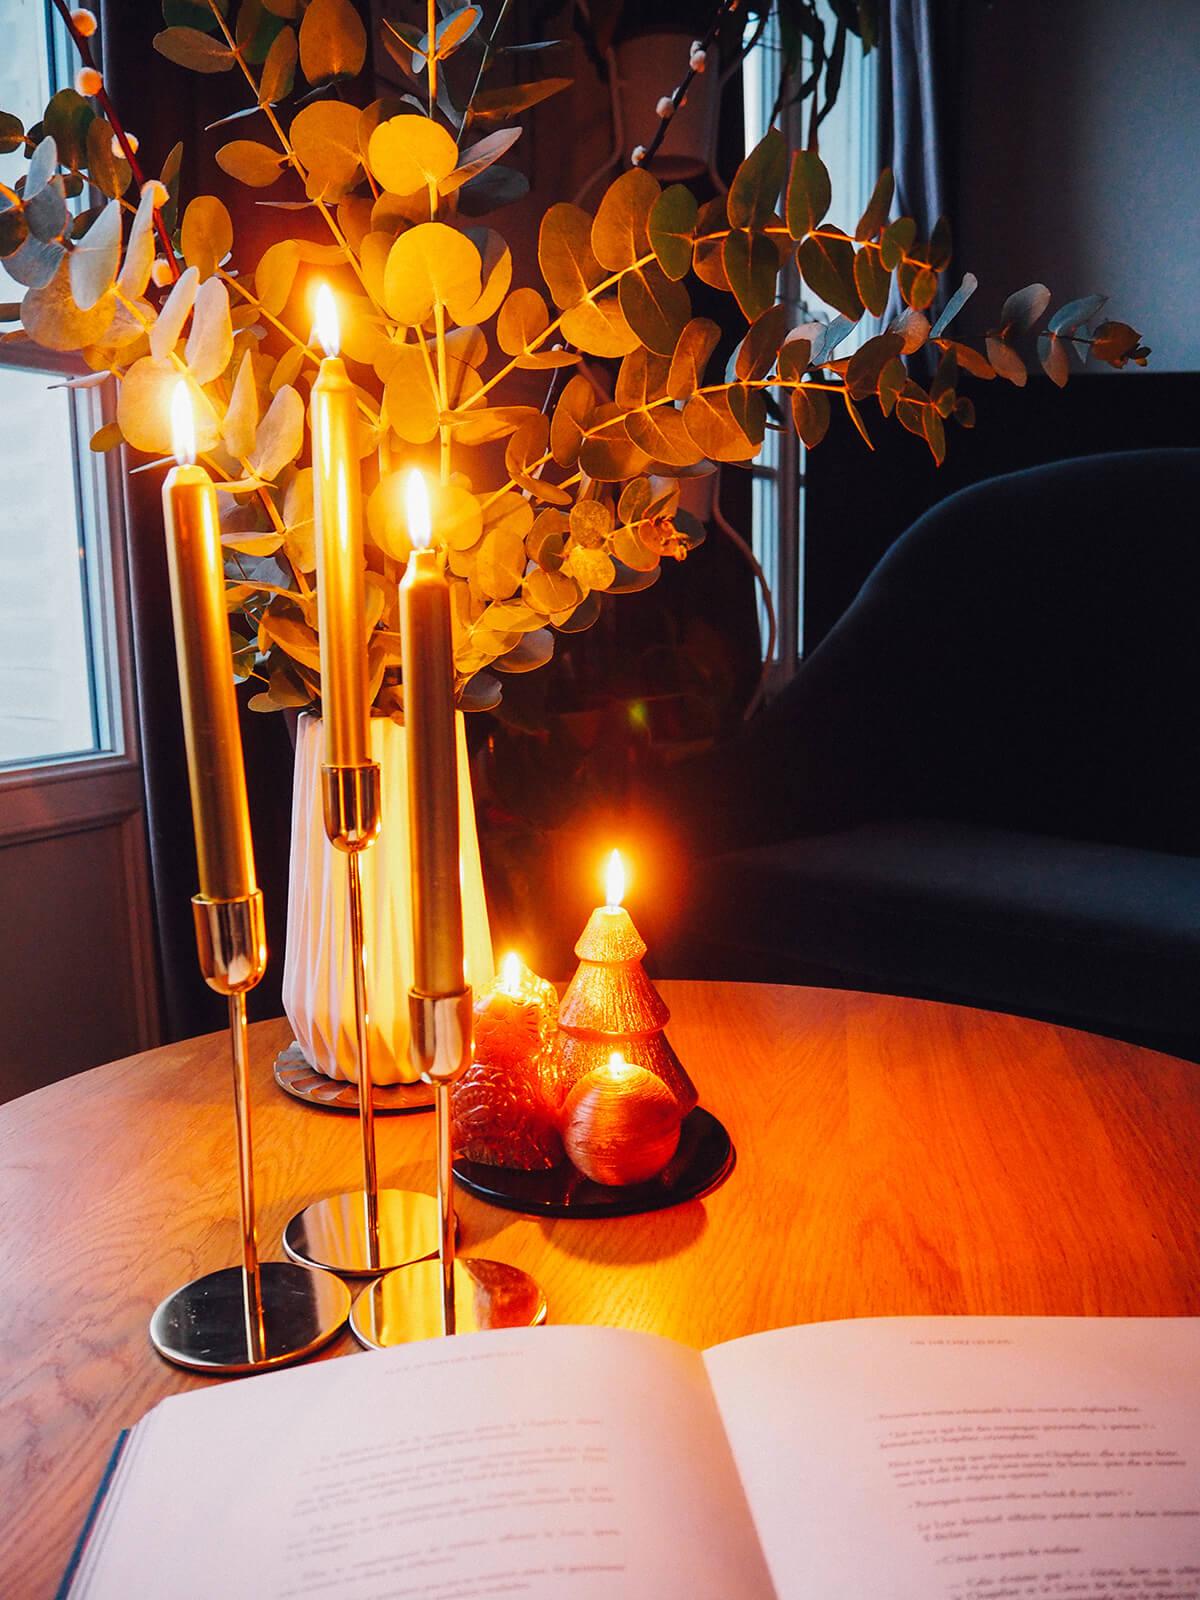 bougies-la-francaise-parfum-interieur-decoration-cosy-frenchyfancy-6